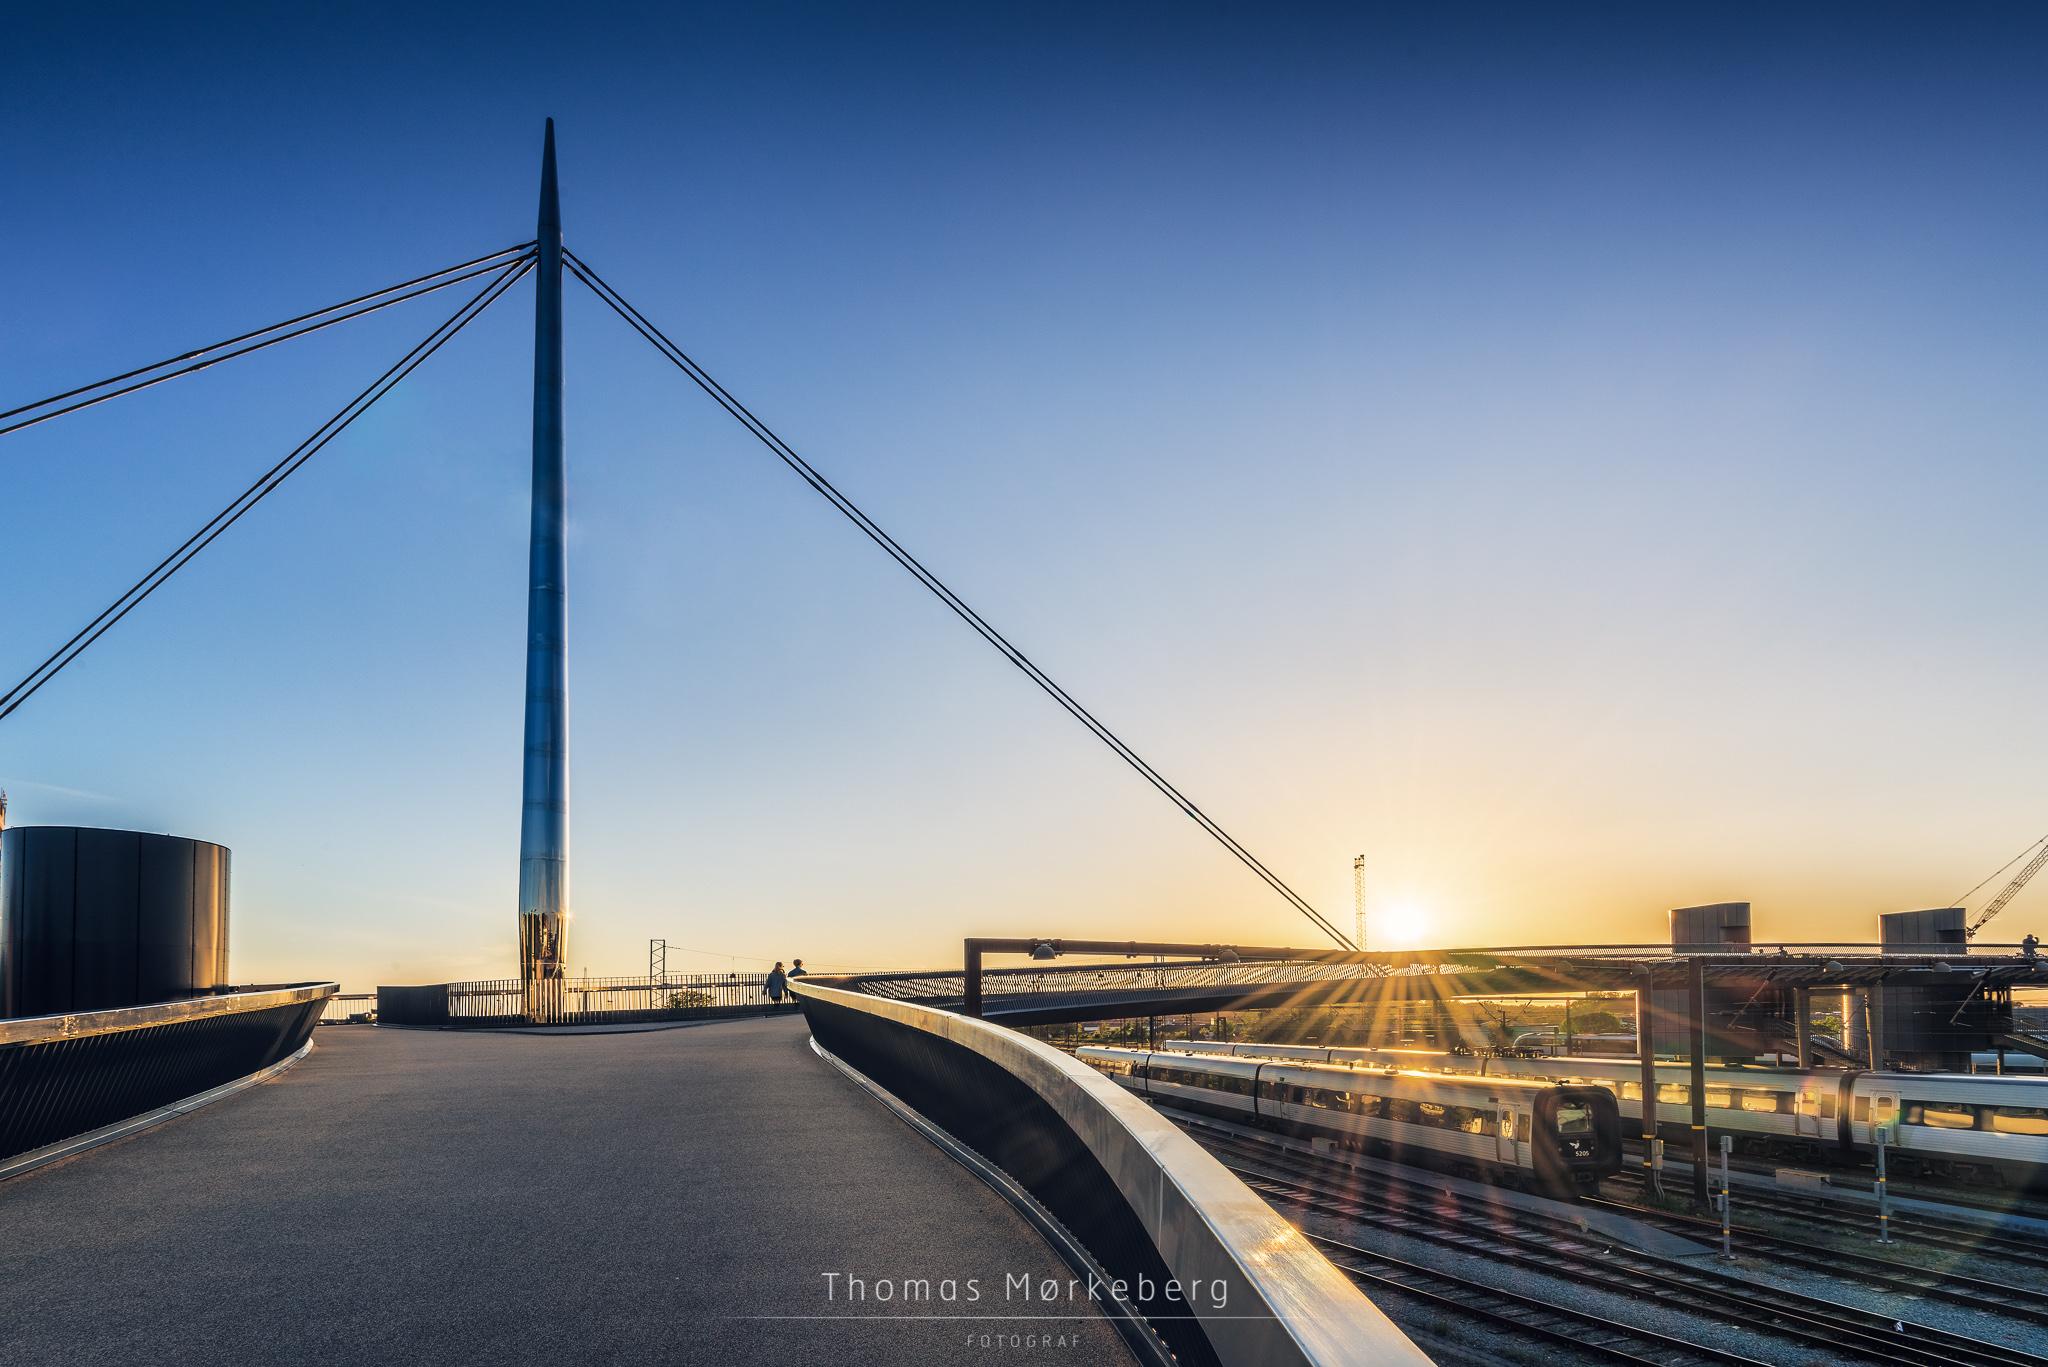 The City bridge in Odense, Denmark